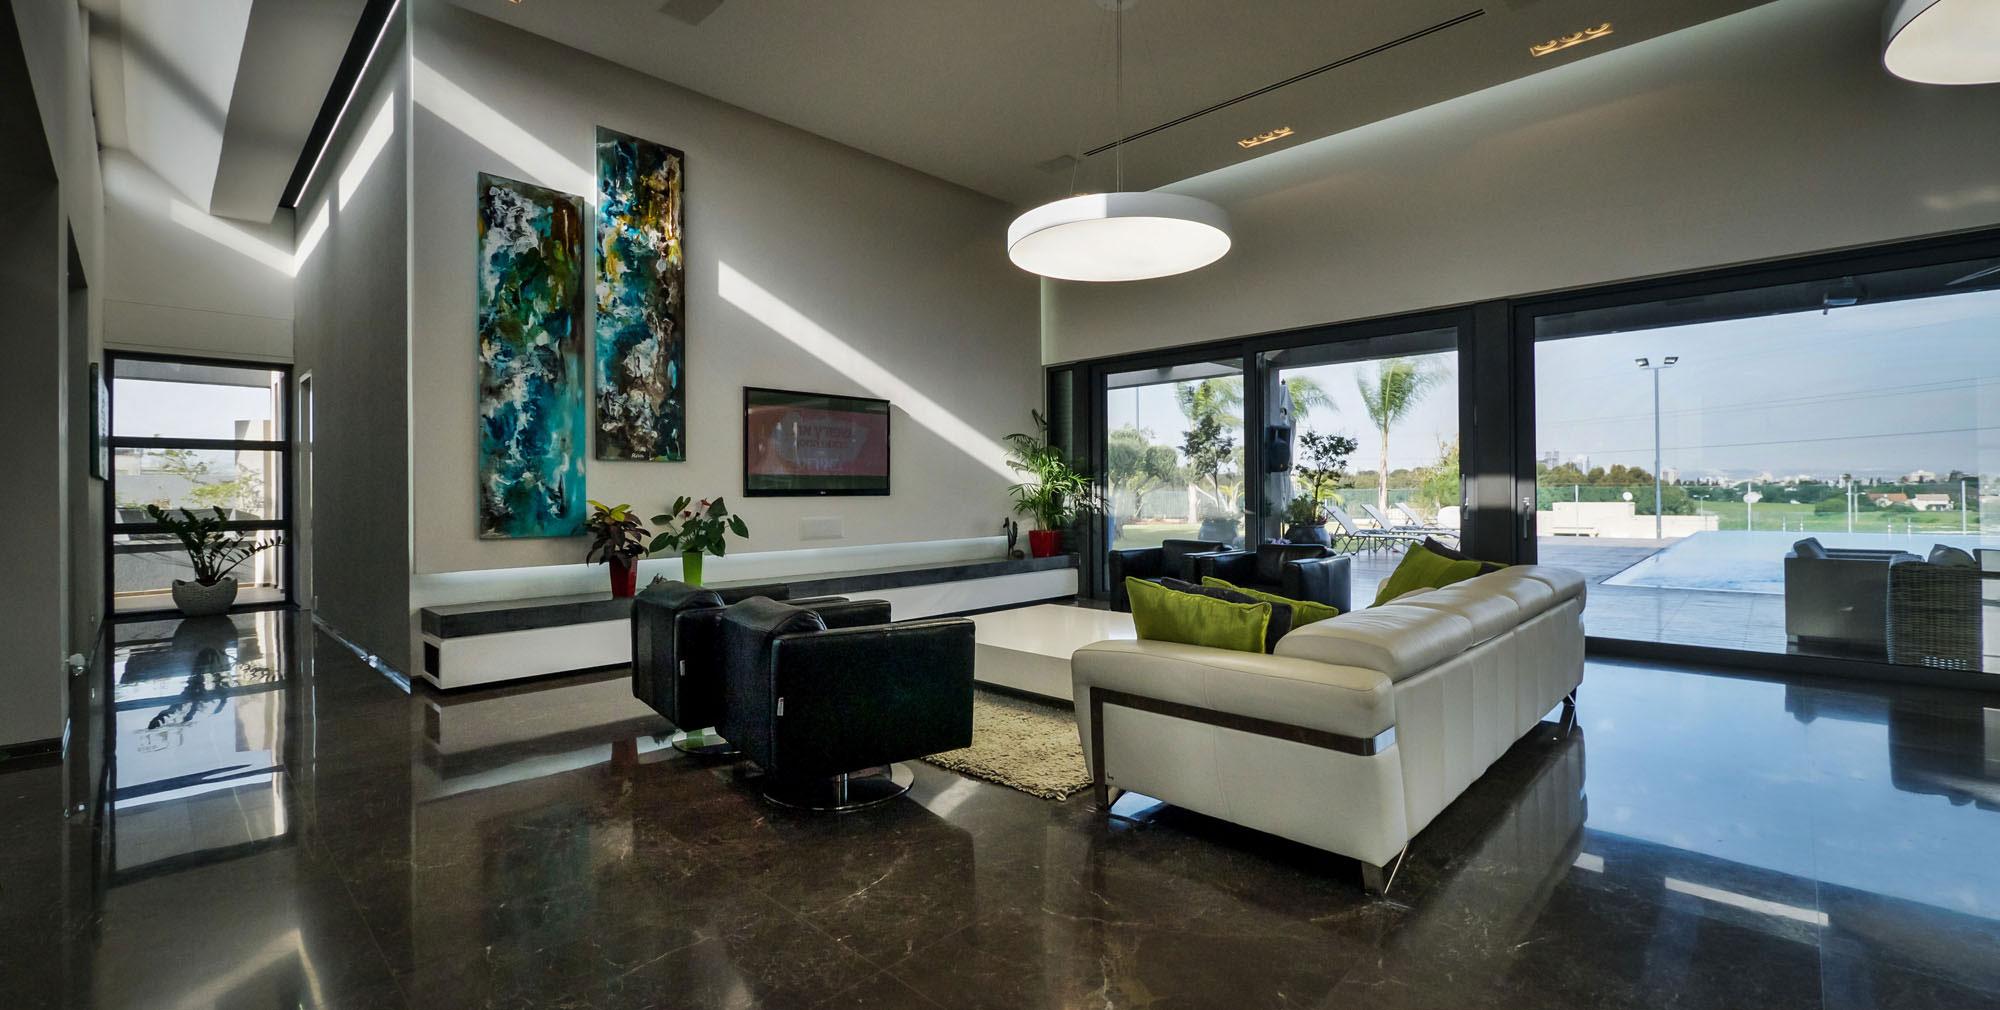 Lyxig-villa-med-en-samtida-design-från-Israel-5 Lyxig-villa-med-en-samtida-design från Israel